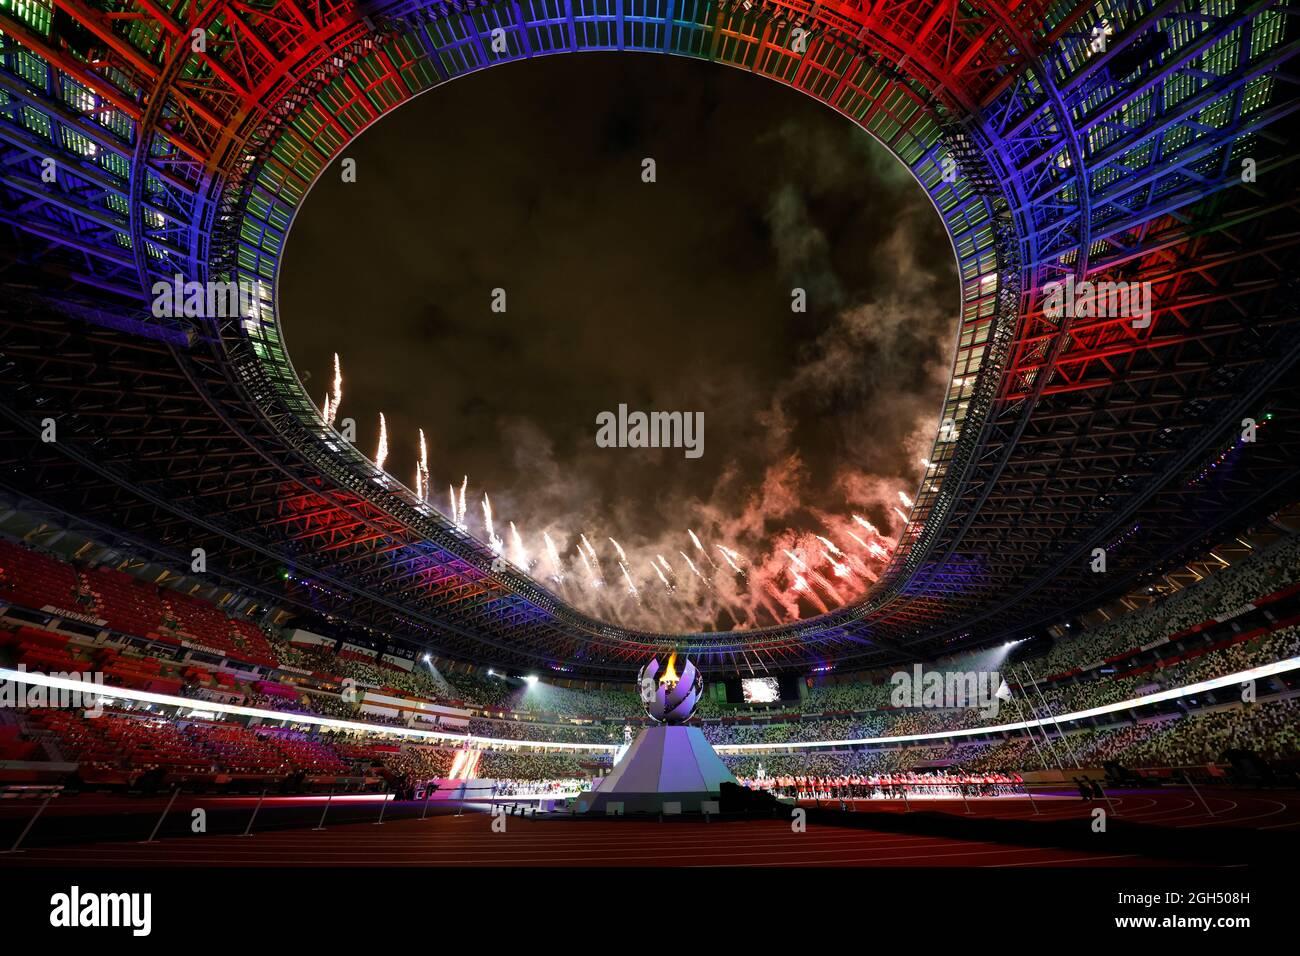 Tokio 2020 Paralympische Spiele - Abschlussfeier Der Olympischen Spiele 2020 In Tokio - Olympiastadion, Tokio, Japan - 5. September 2021. Feuerwerk während der Abschlusszeremonie REUTERS/Issei Kato Stockfoto